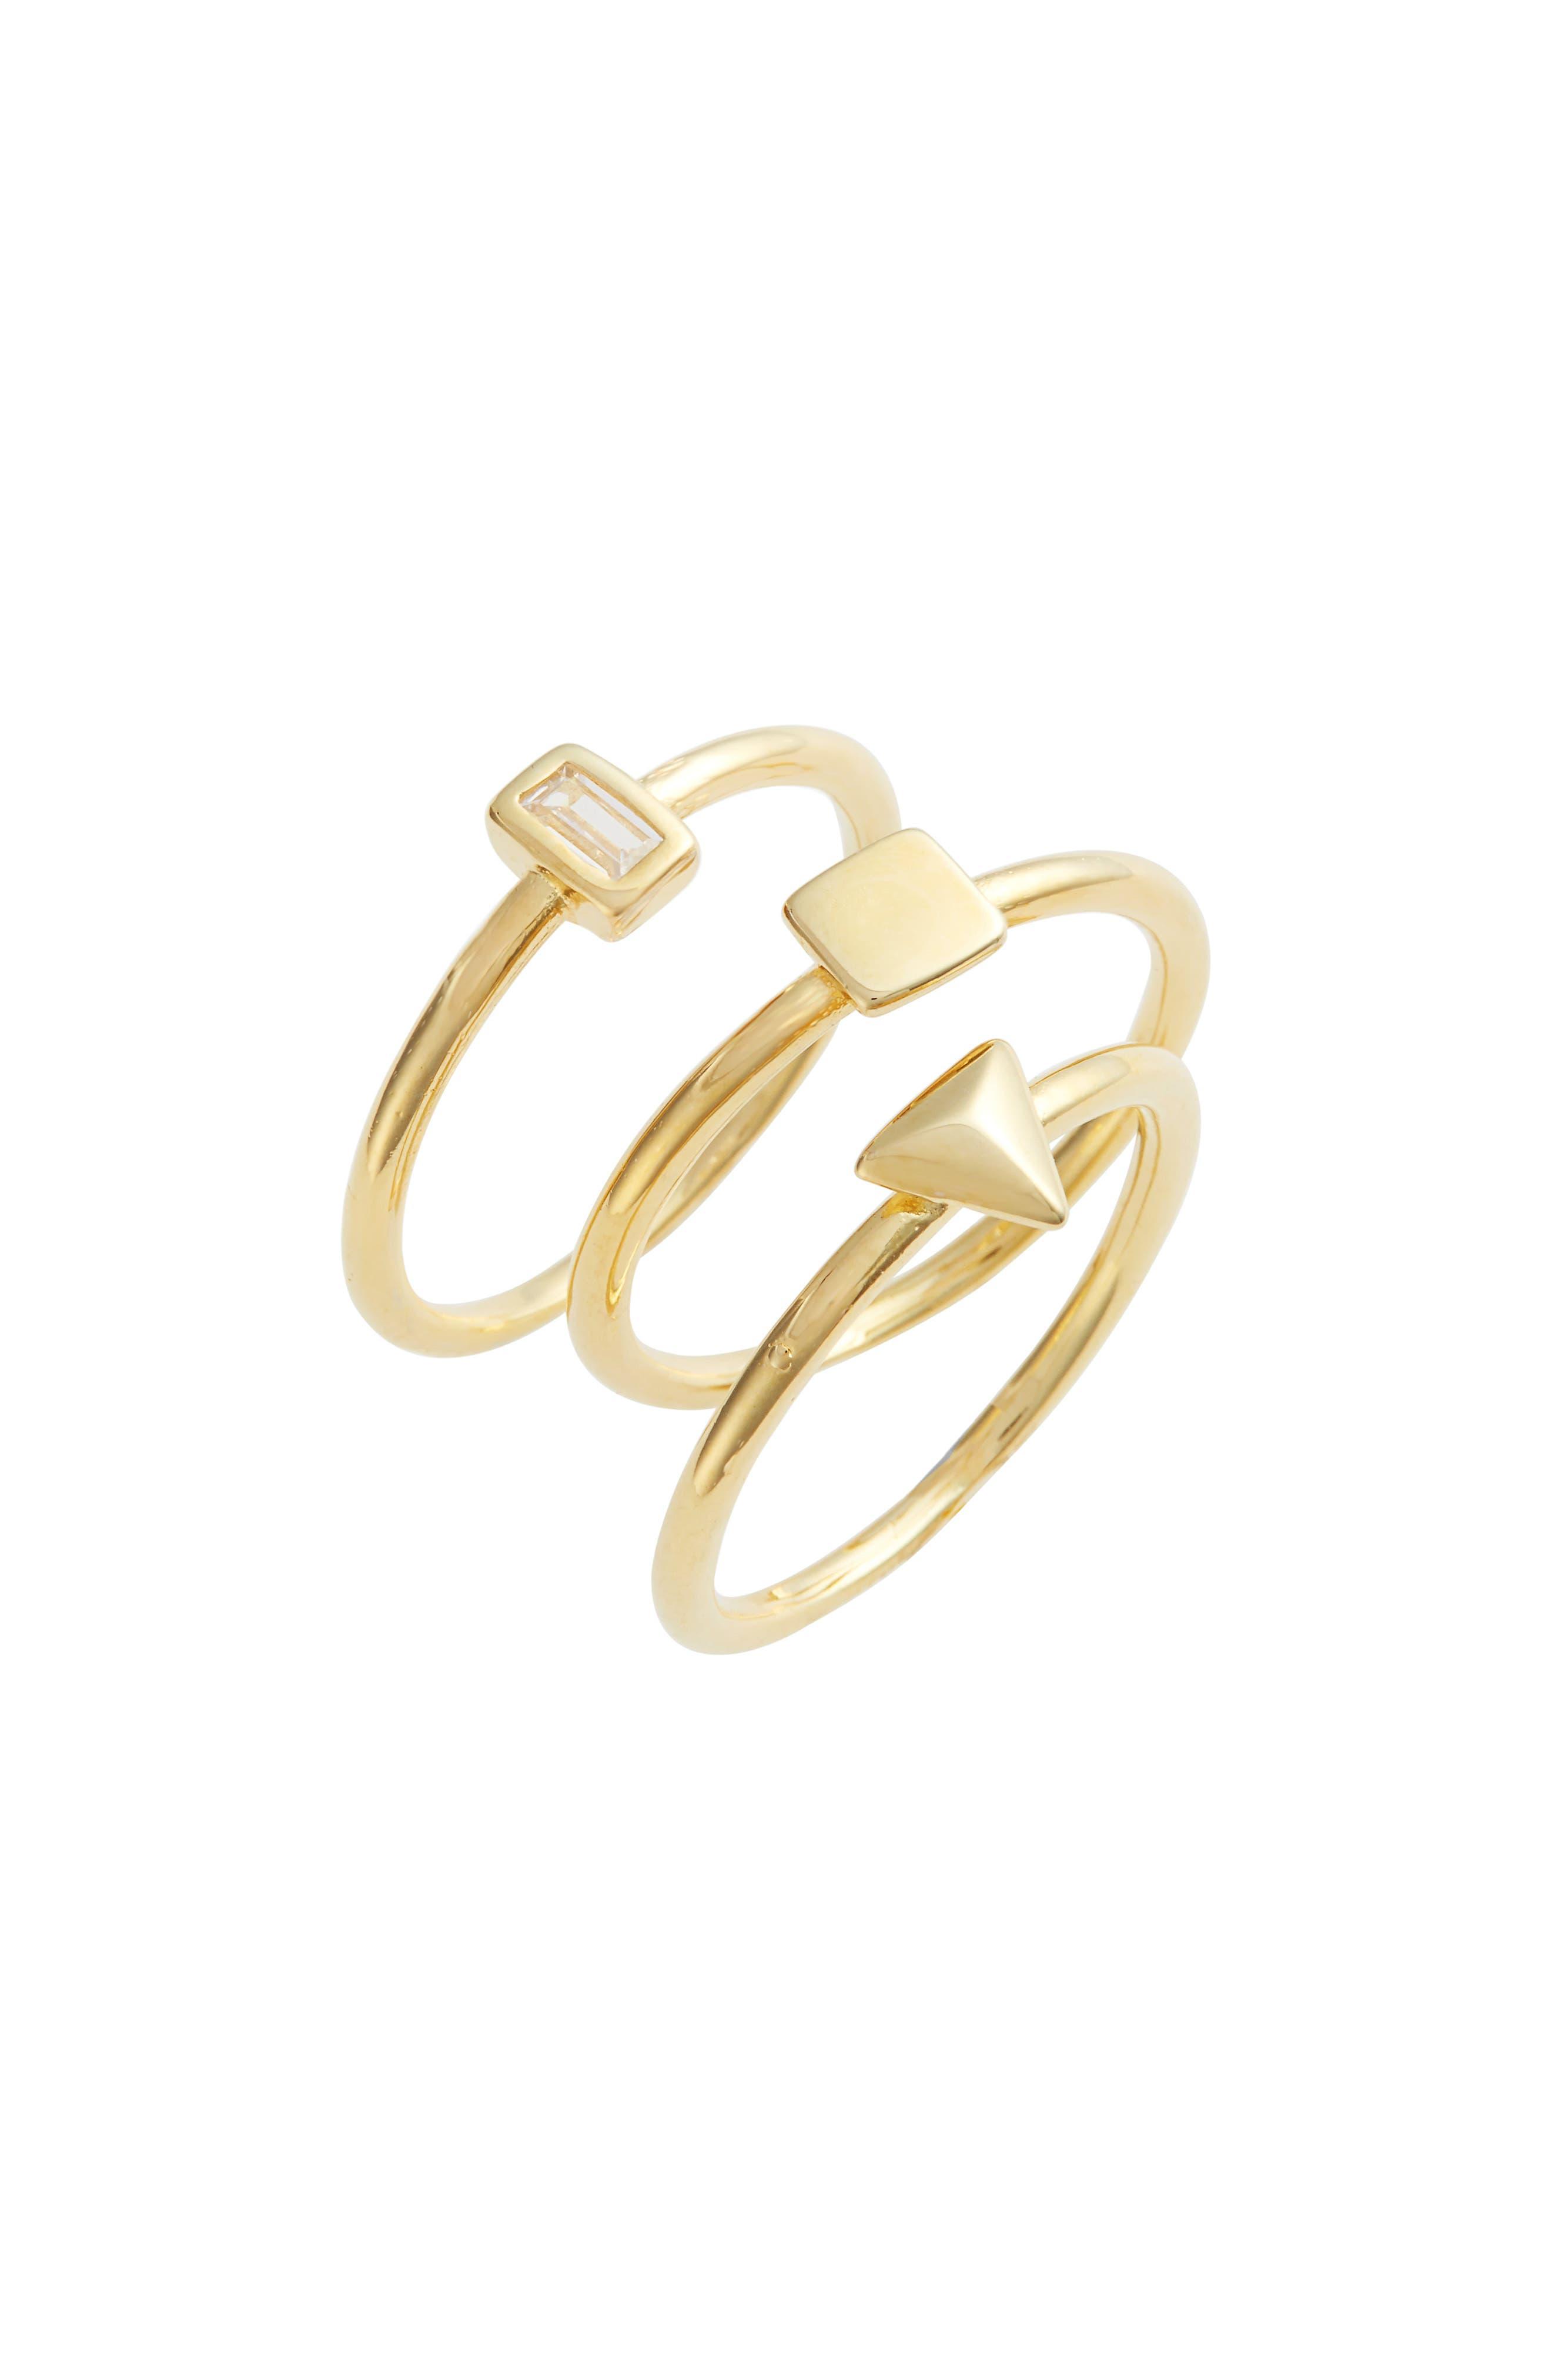 Kai Set of 3 Geometric Rings,                             Main thumbnail 1, color,                             Gold